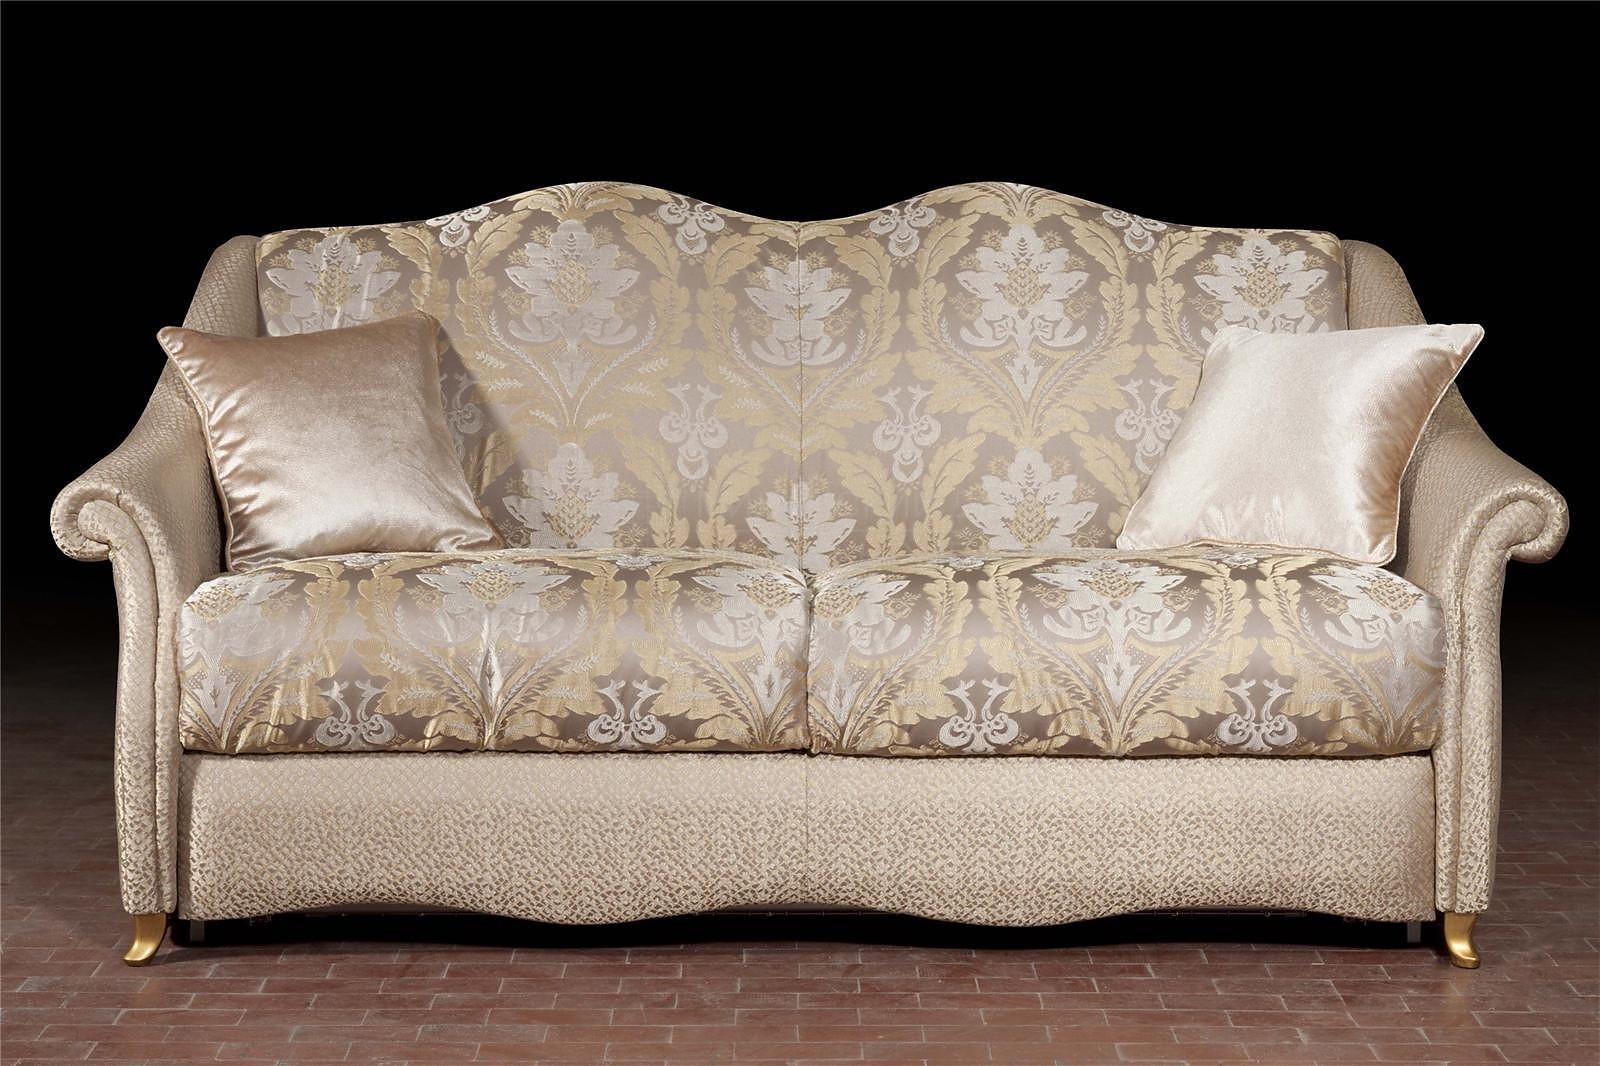 разные обивки на диванах